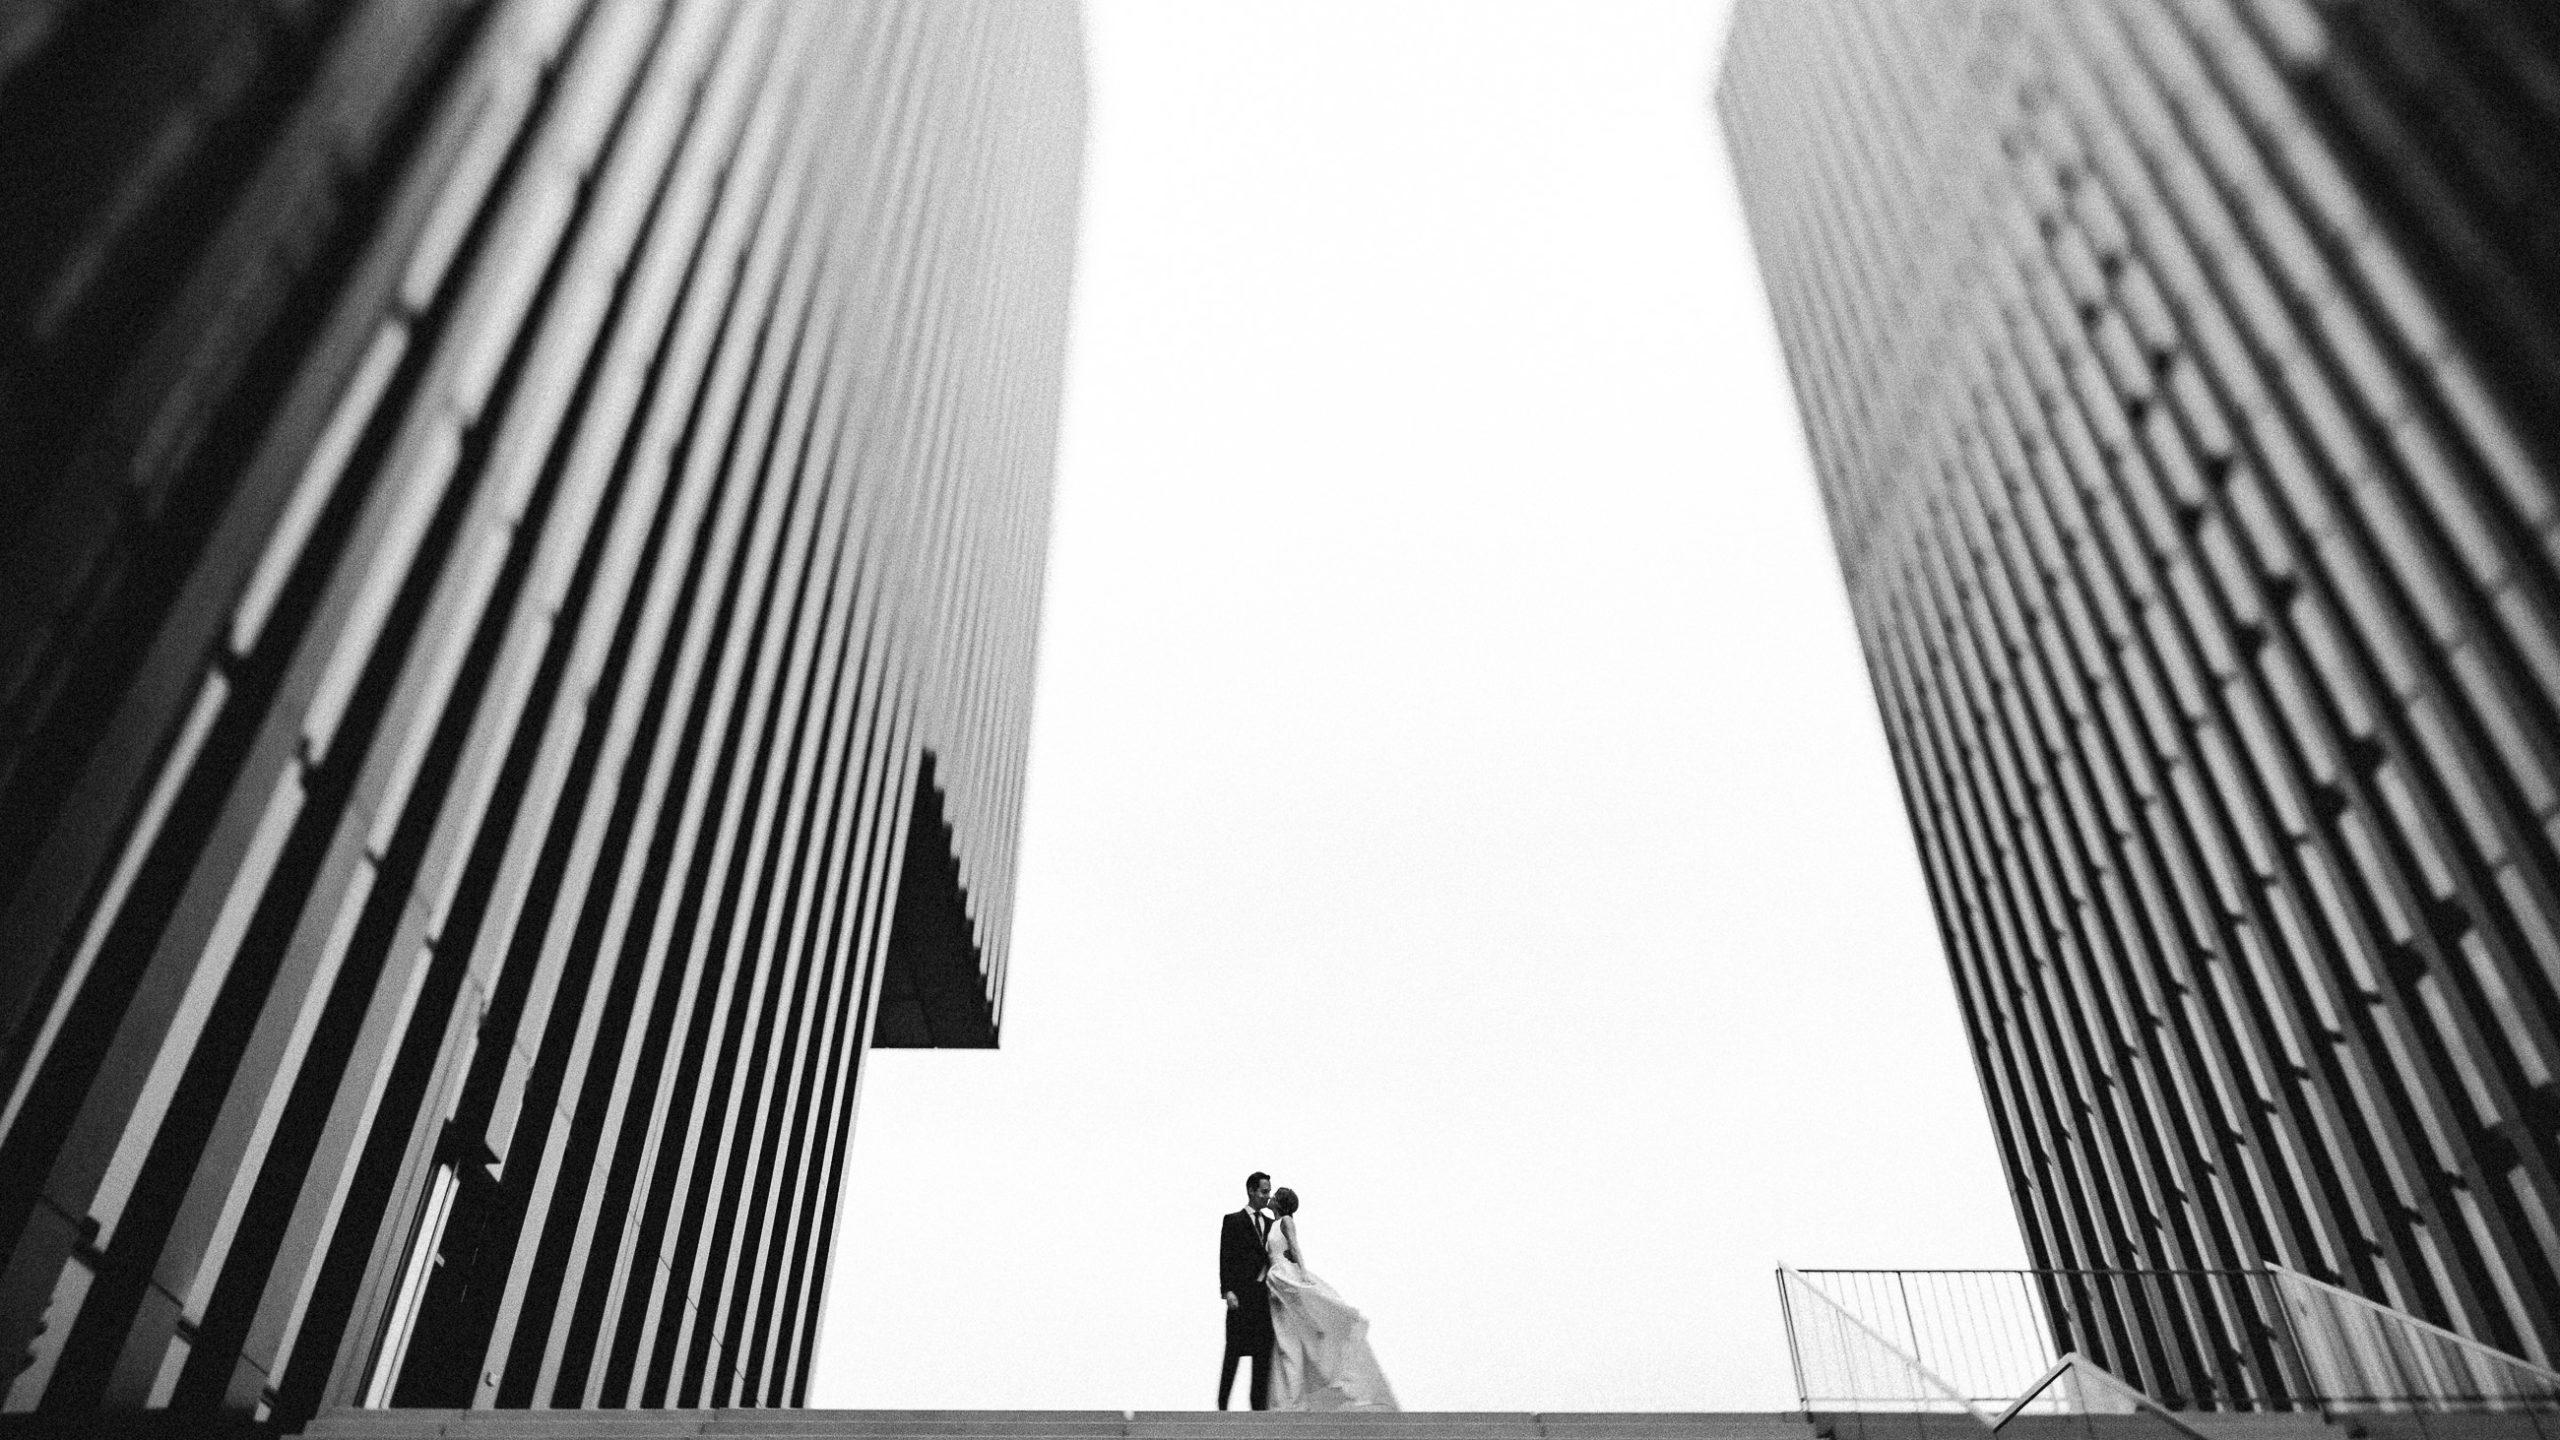 Als Hochzeitsfotograf Düsseldorf haben wir tolle Hochzeitsbilder im Media Hafen Düsseldorf gemacht.